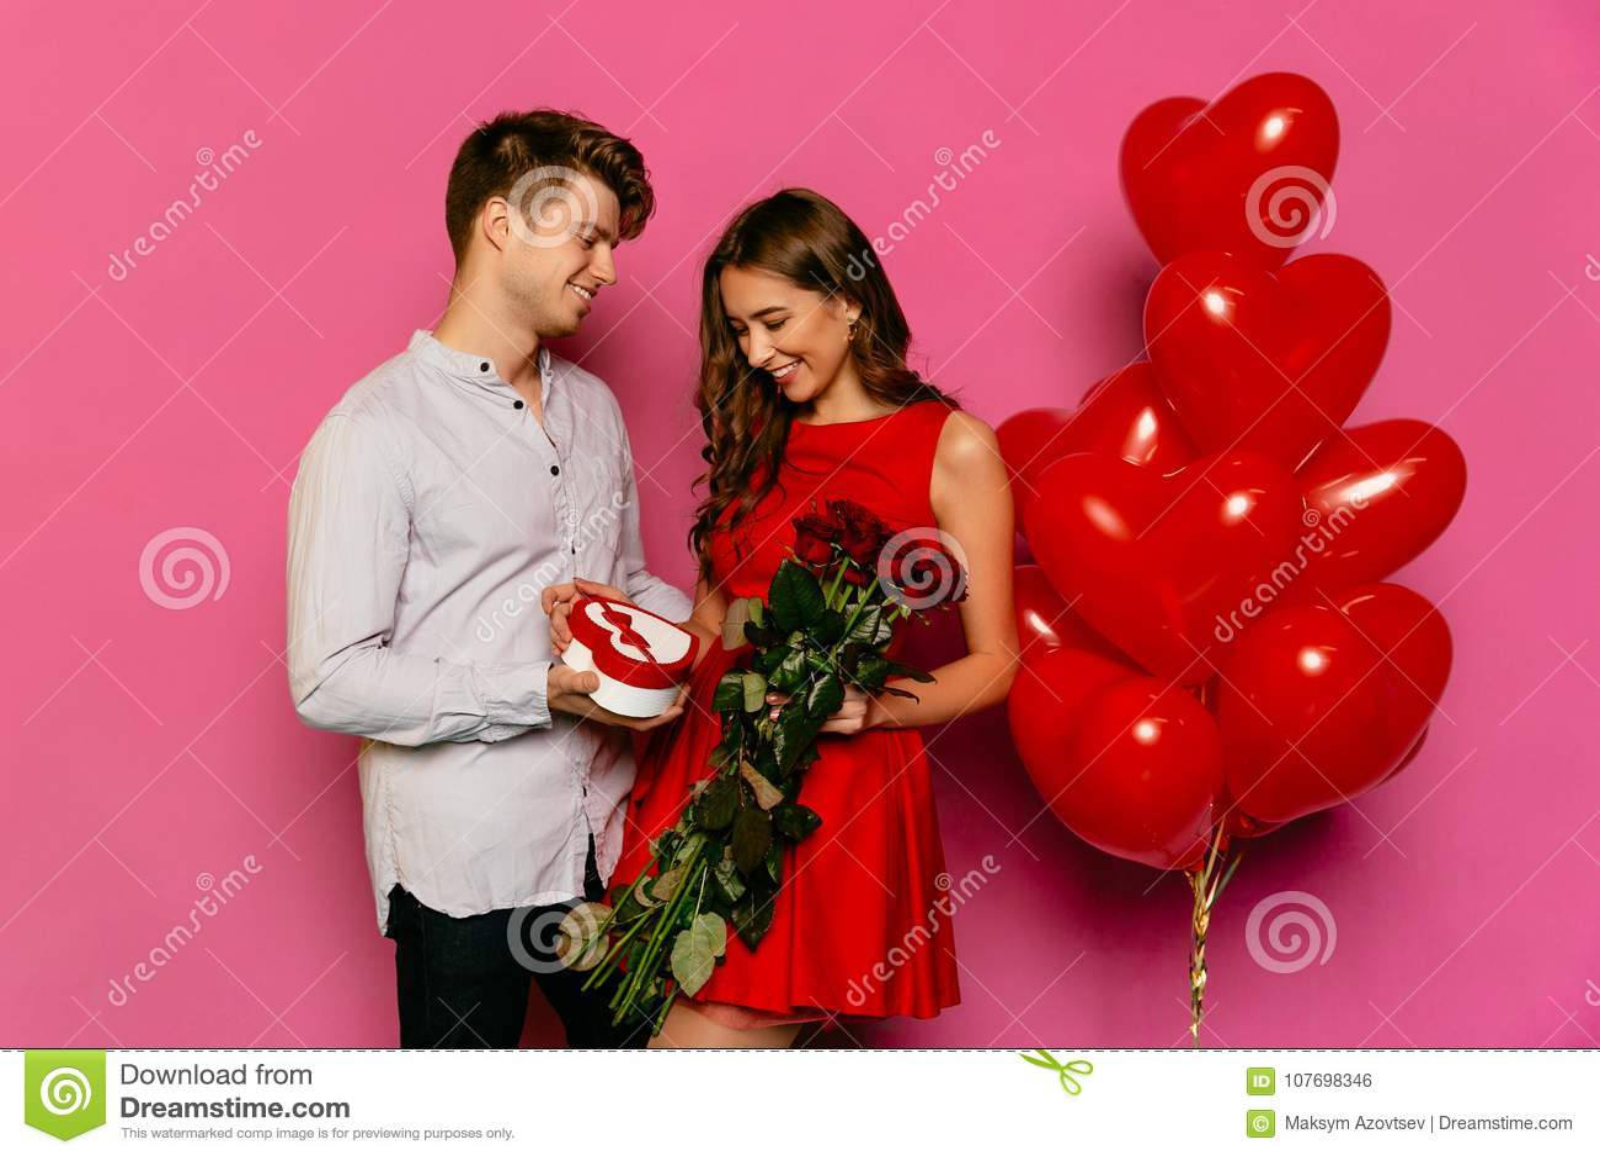 微笑的人给英国兰开斯特家族族徽和箱子有礼物的他迷人的女朋友